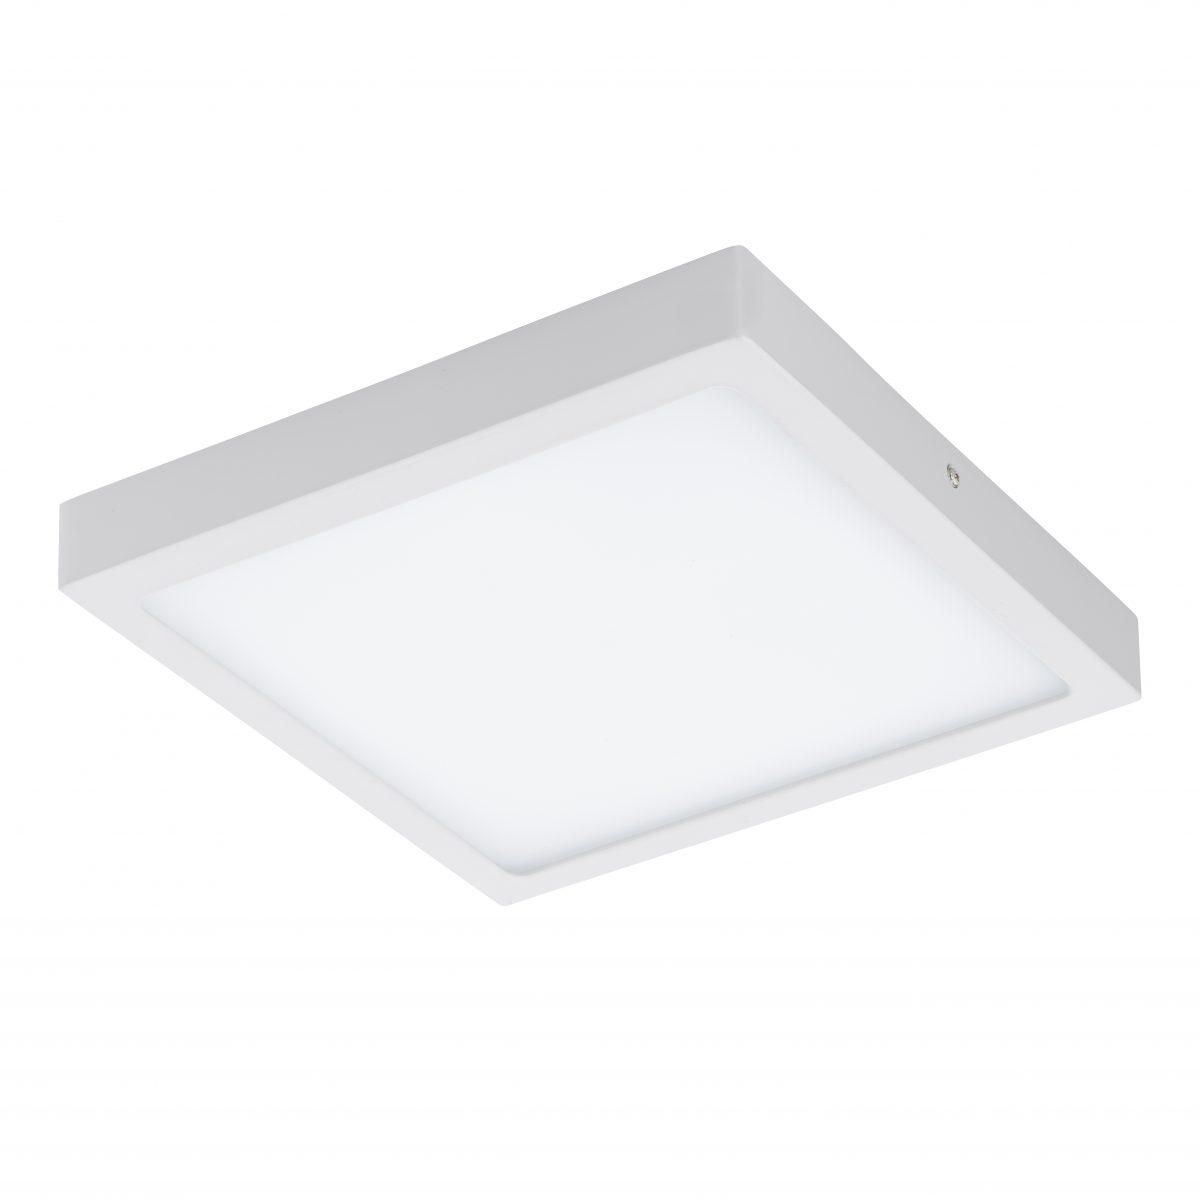 Светильник настенно-потолочный FUEVA 1 EGLO 94537 - Фото №28